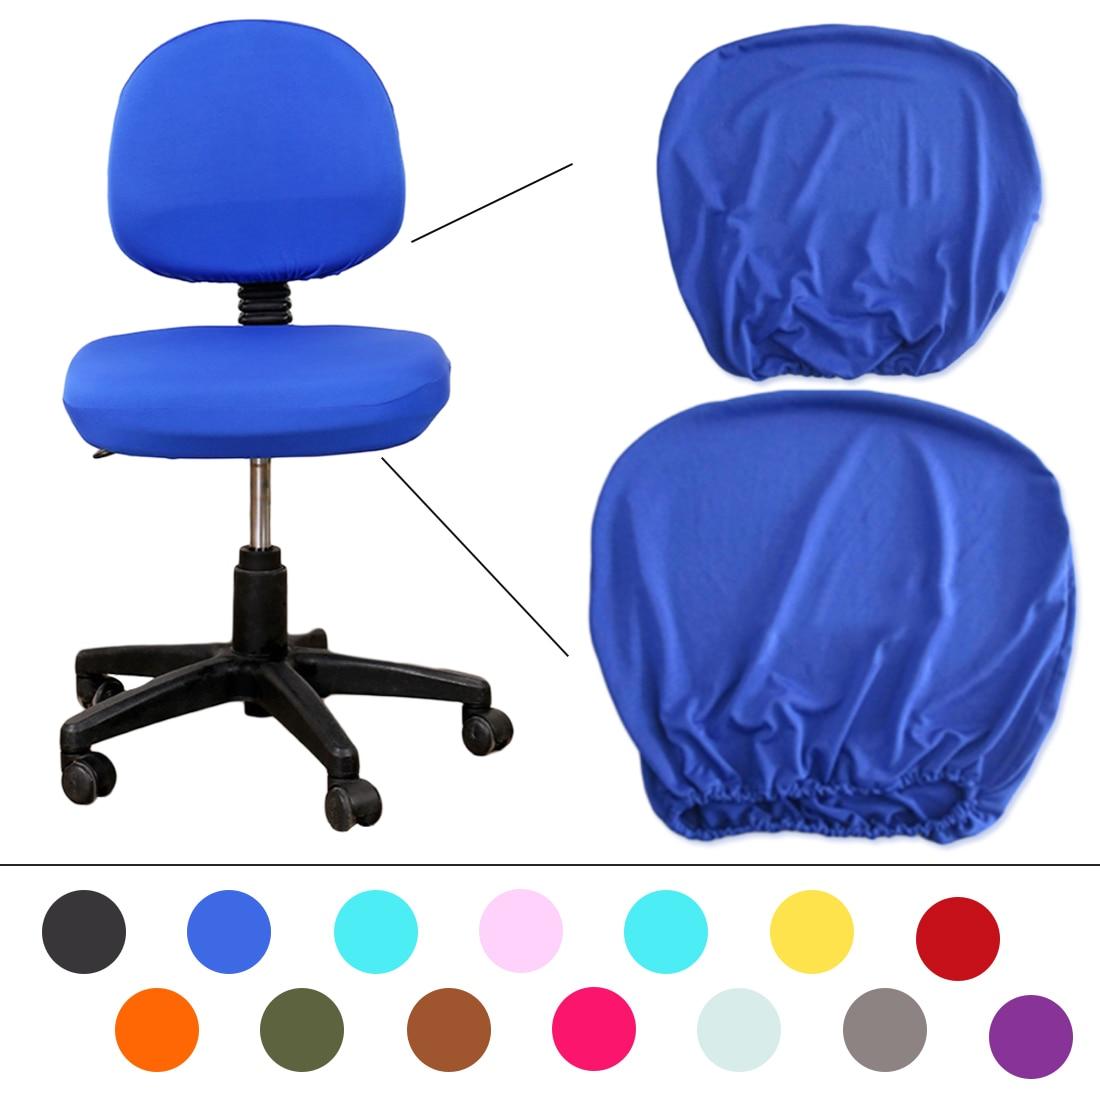 Tissu élastique Spandex Chaise couvre pour Housse De Chaise Mariage Chaise De bureau ordinateur Chaise 14 couleurs taille universelle